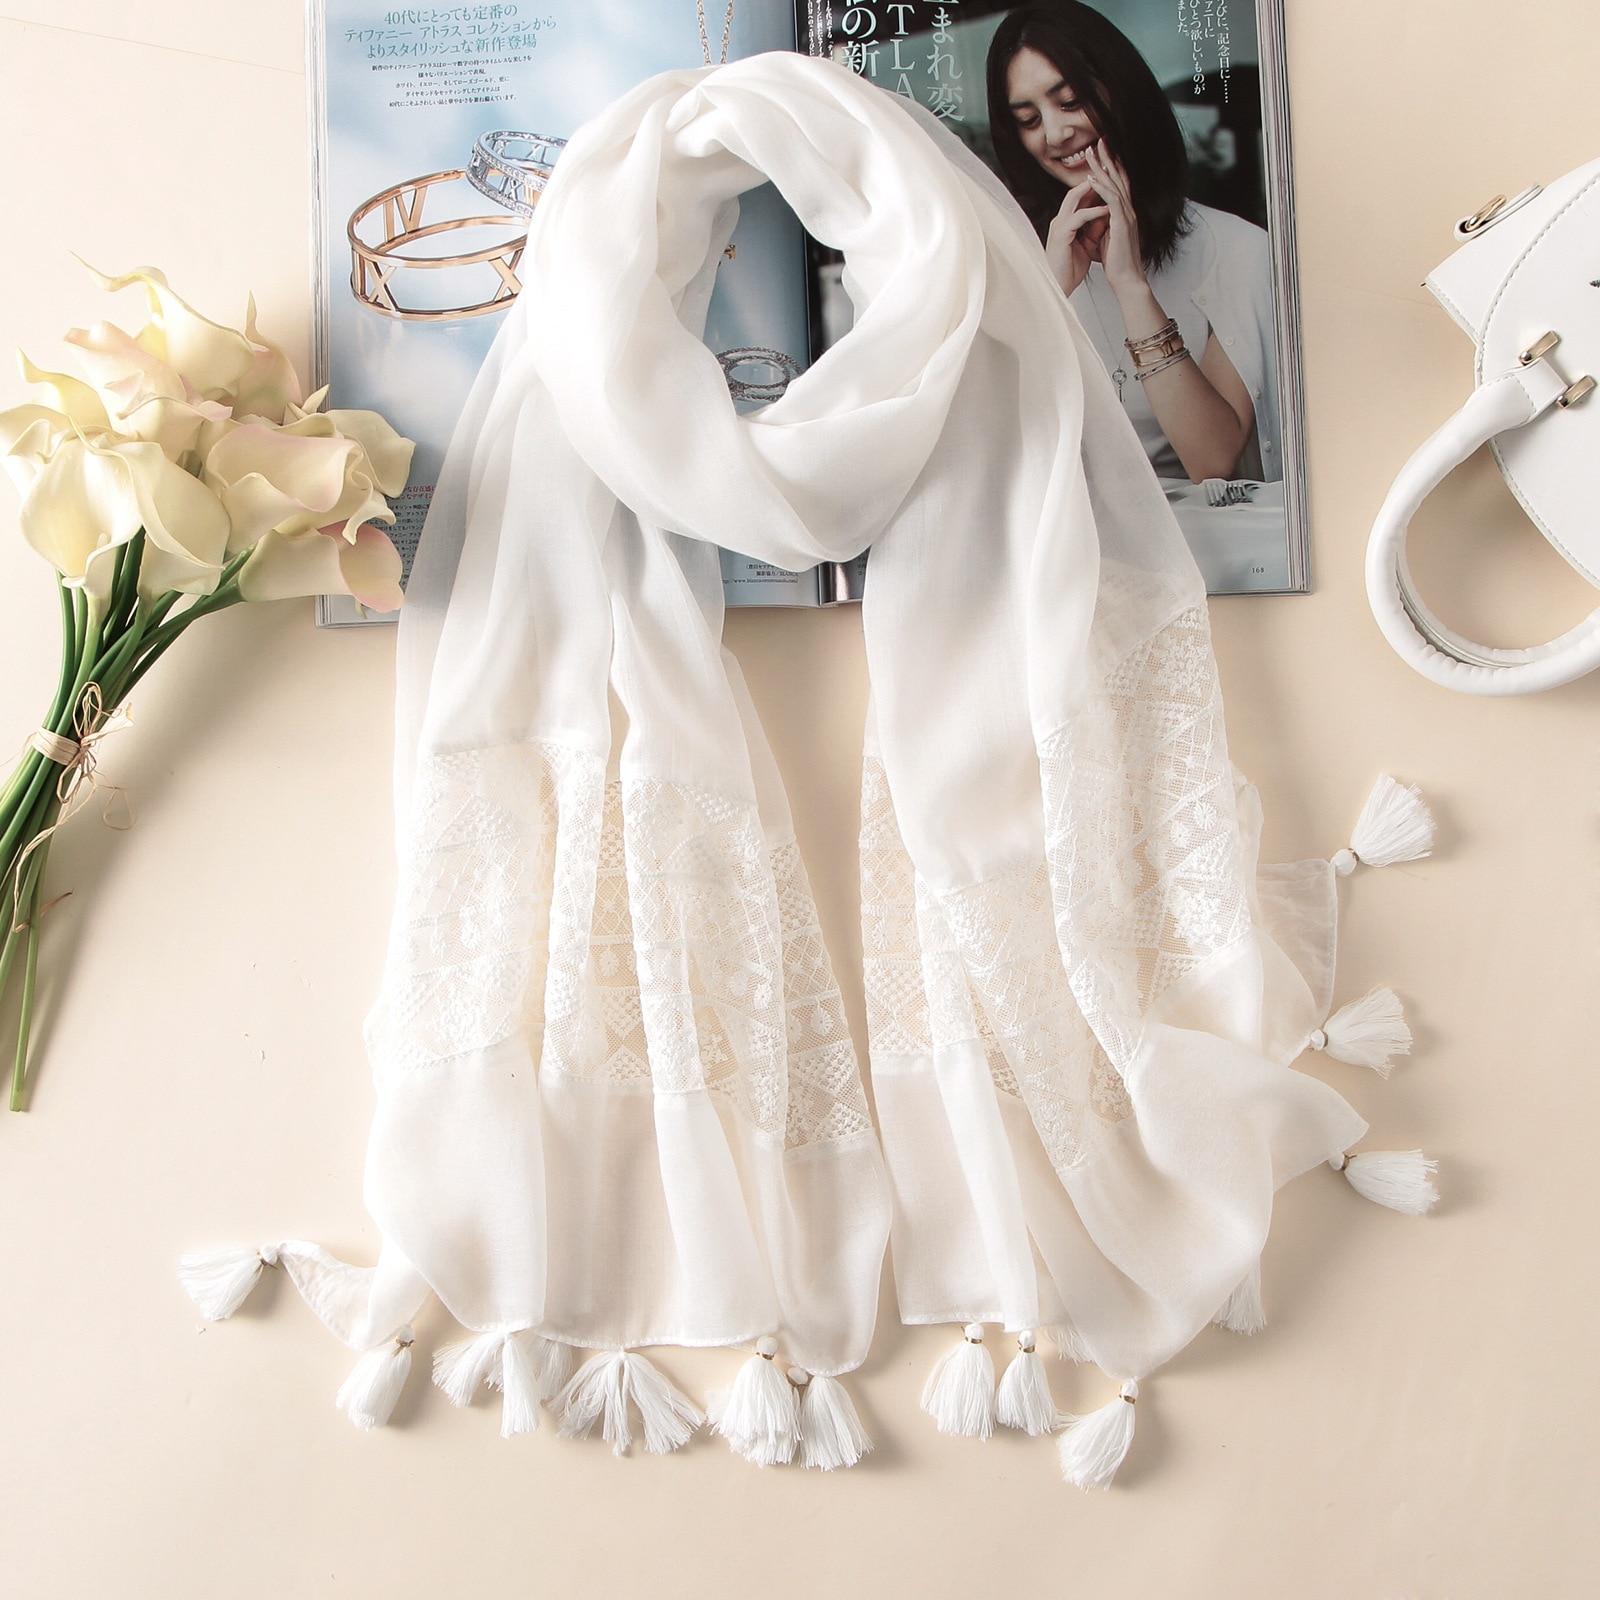 mærke 2018 forår sommer kvinder tørklæde mode hvid blonde silke tørklæder sjaler pashmina bandana kvindelige foulard pareo strand